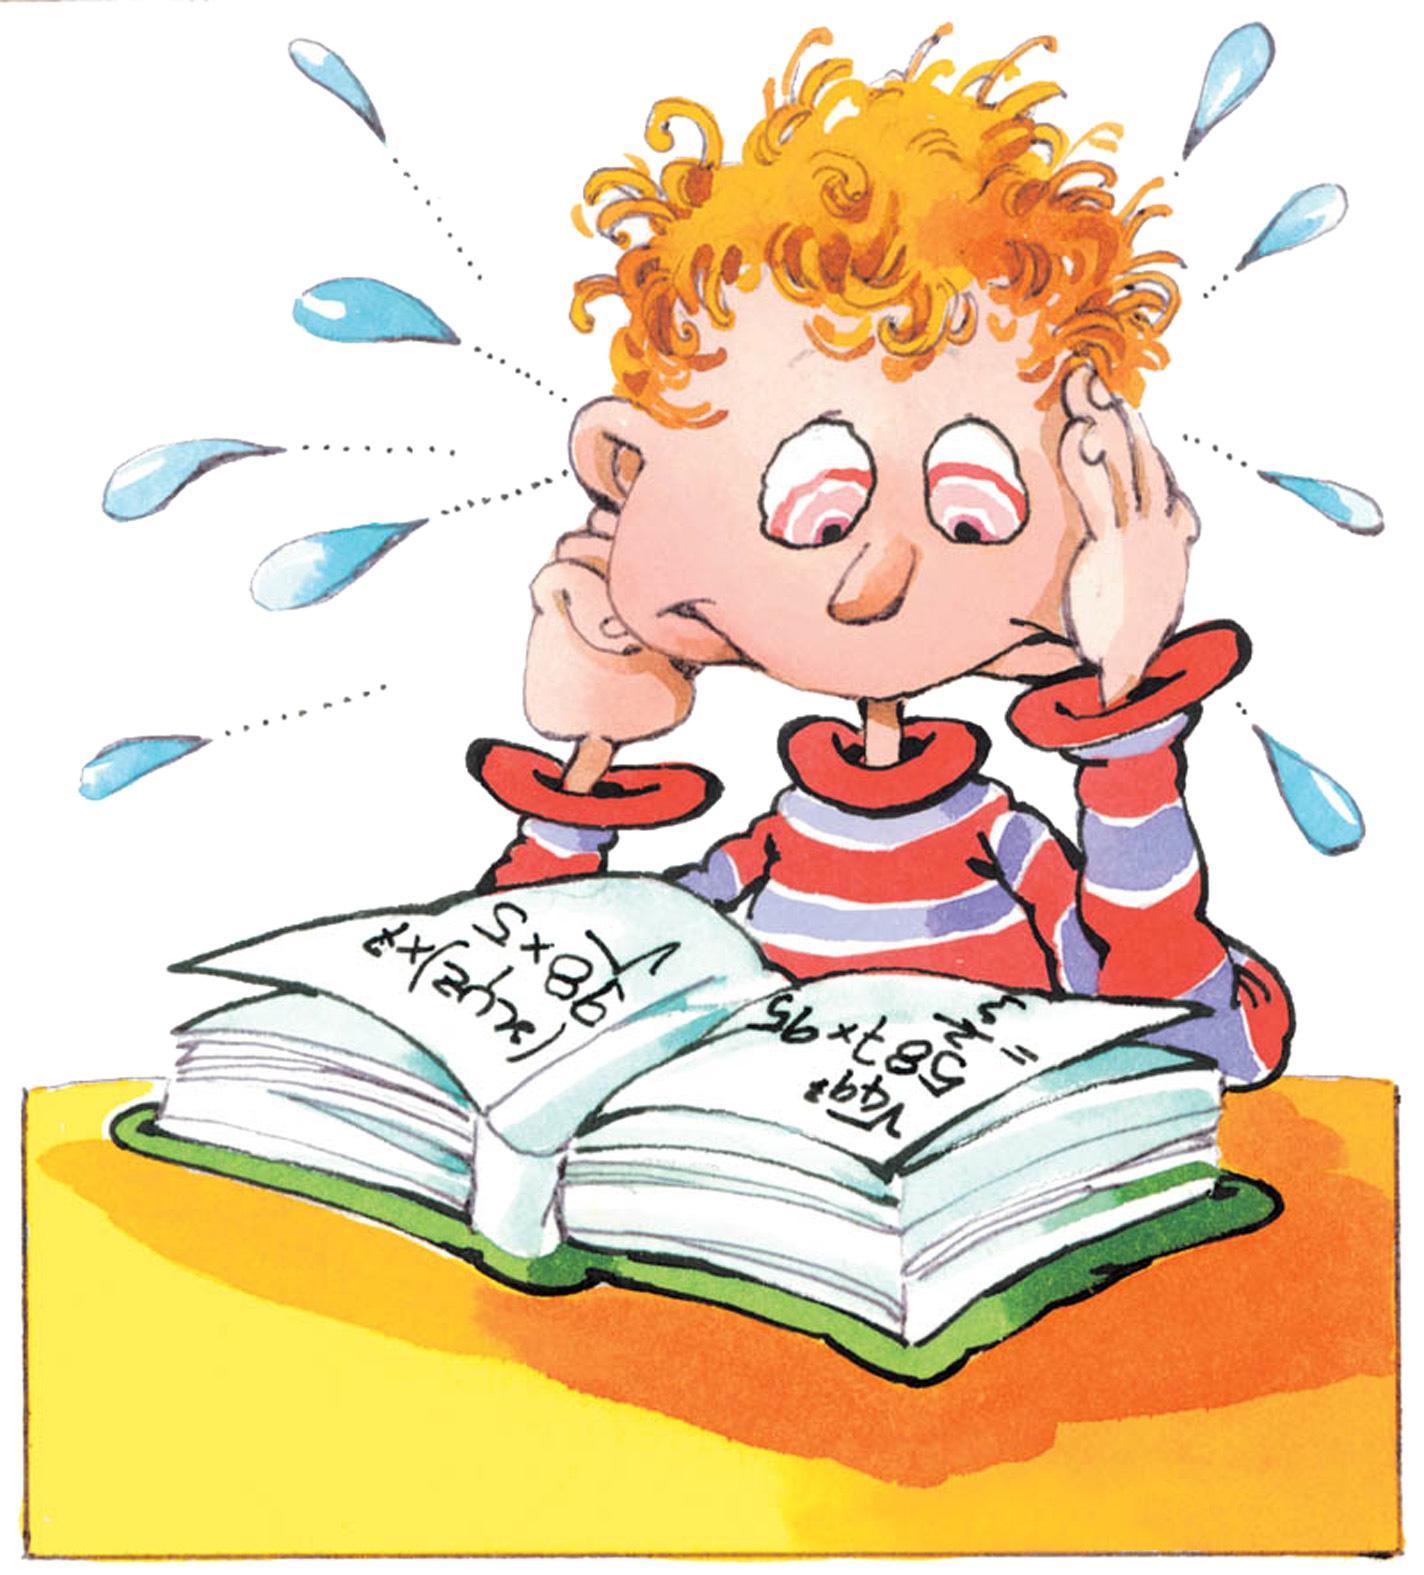 Bambini immaturi a scuola maggiori difficolt - Bambini che si guardano allo specchio ...